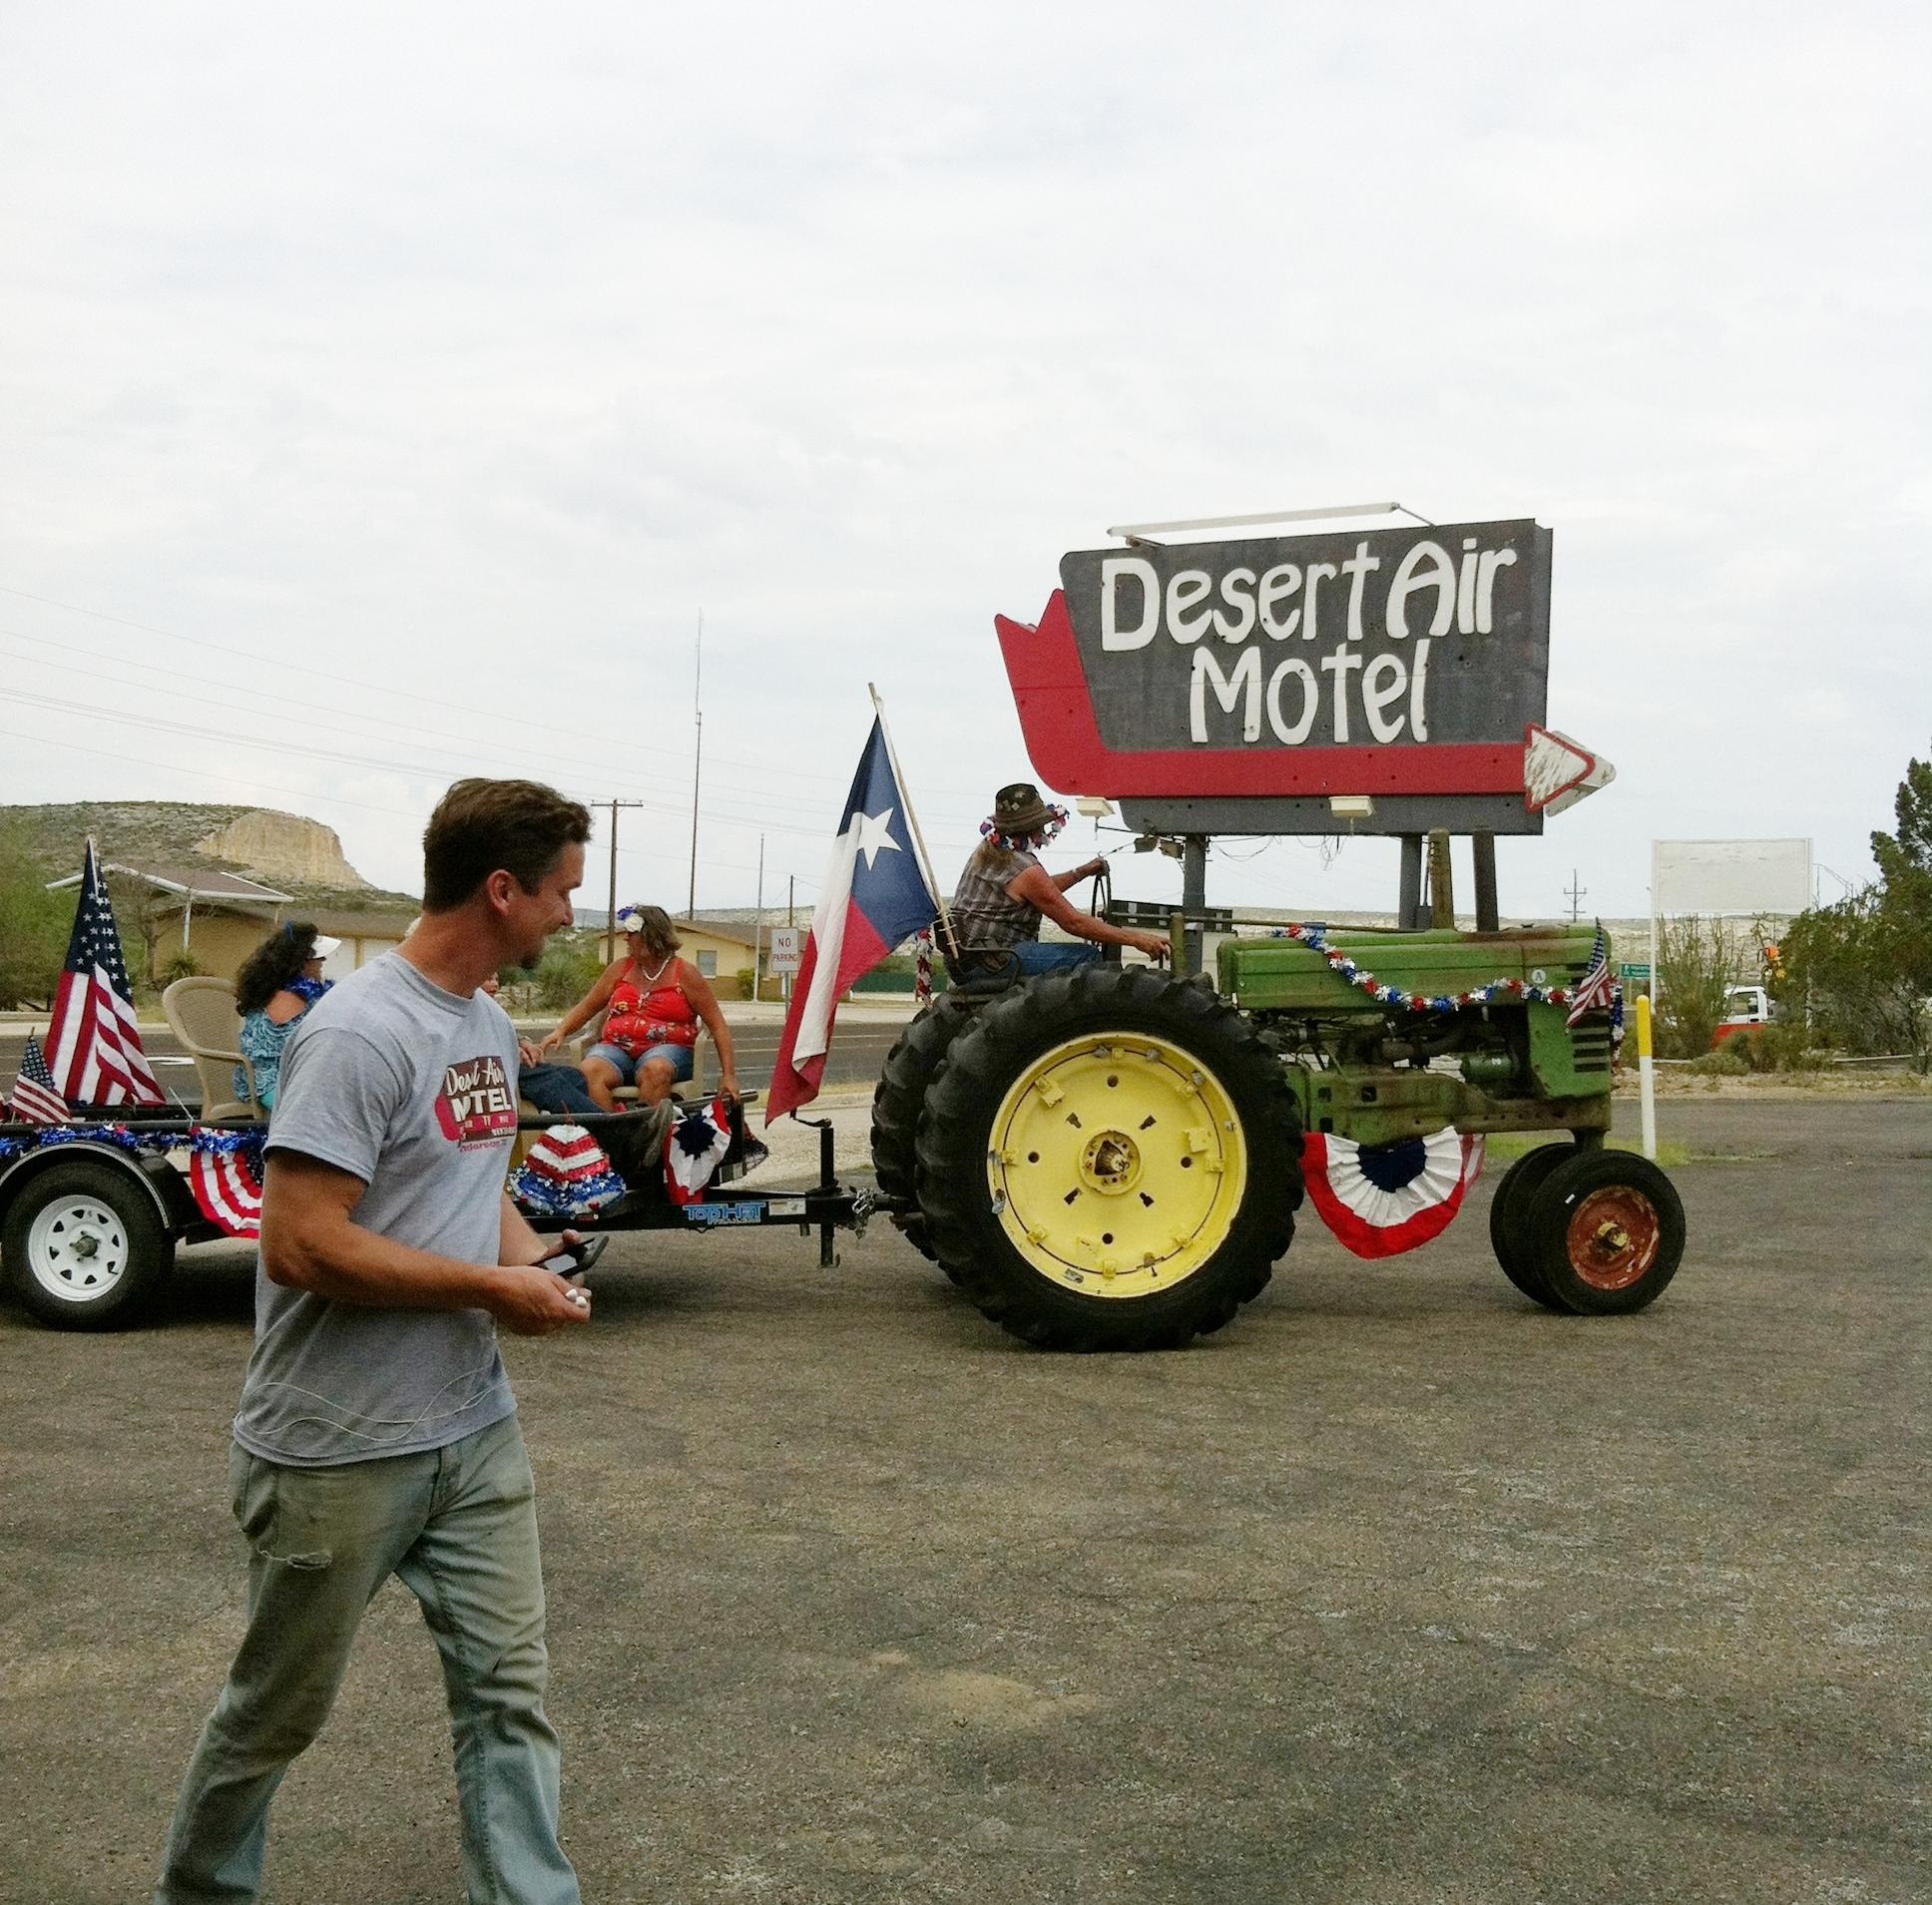 Neighbor's parade float